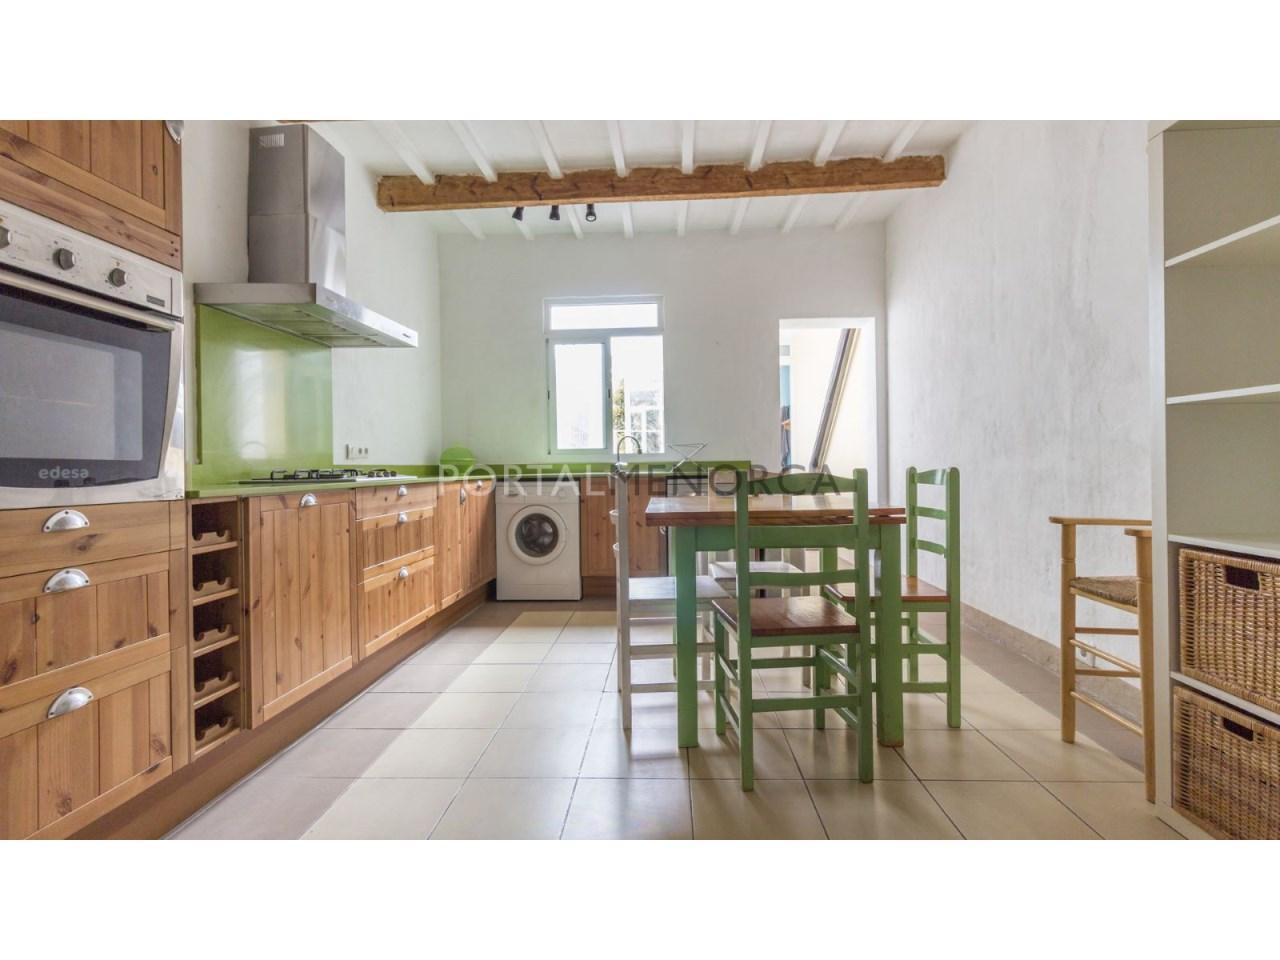 casa con patio en venta en Alaior (3 de 17)